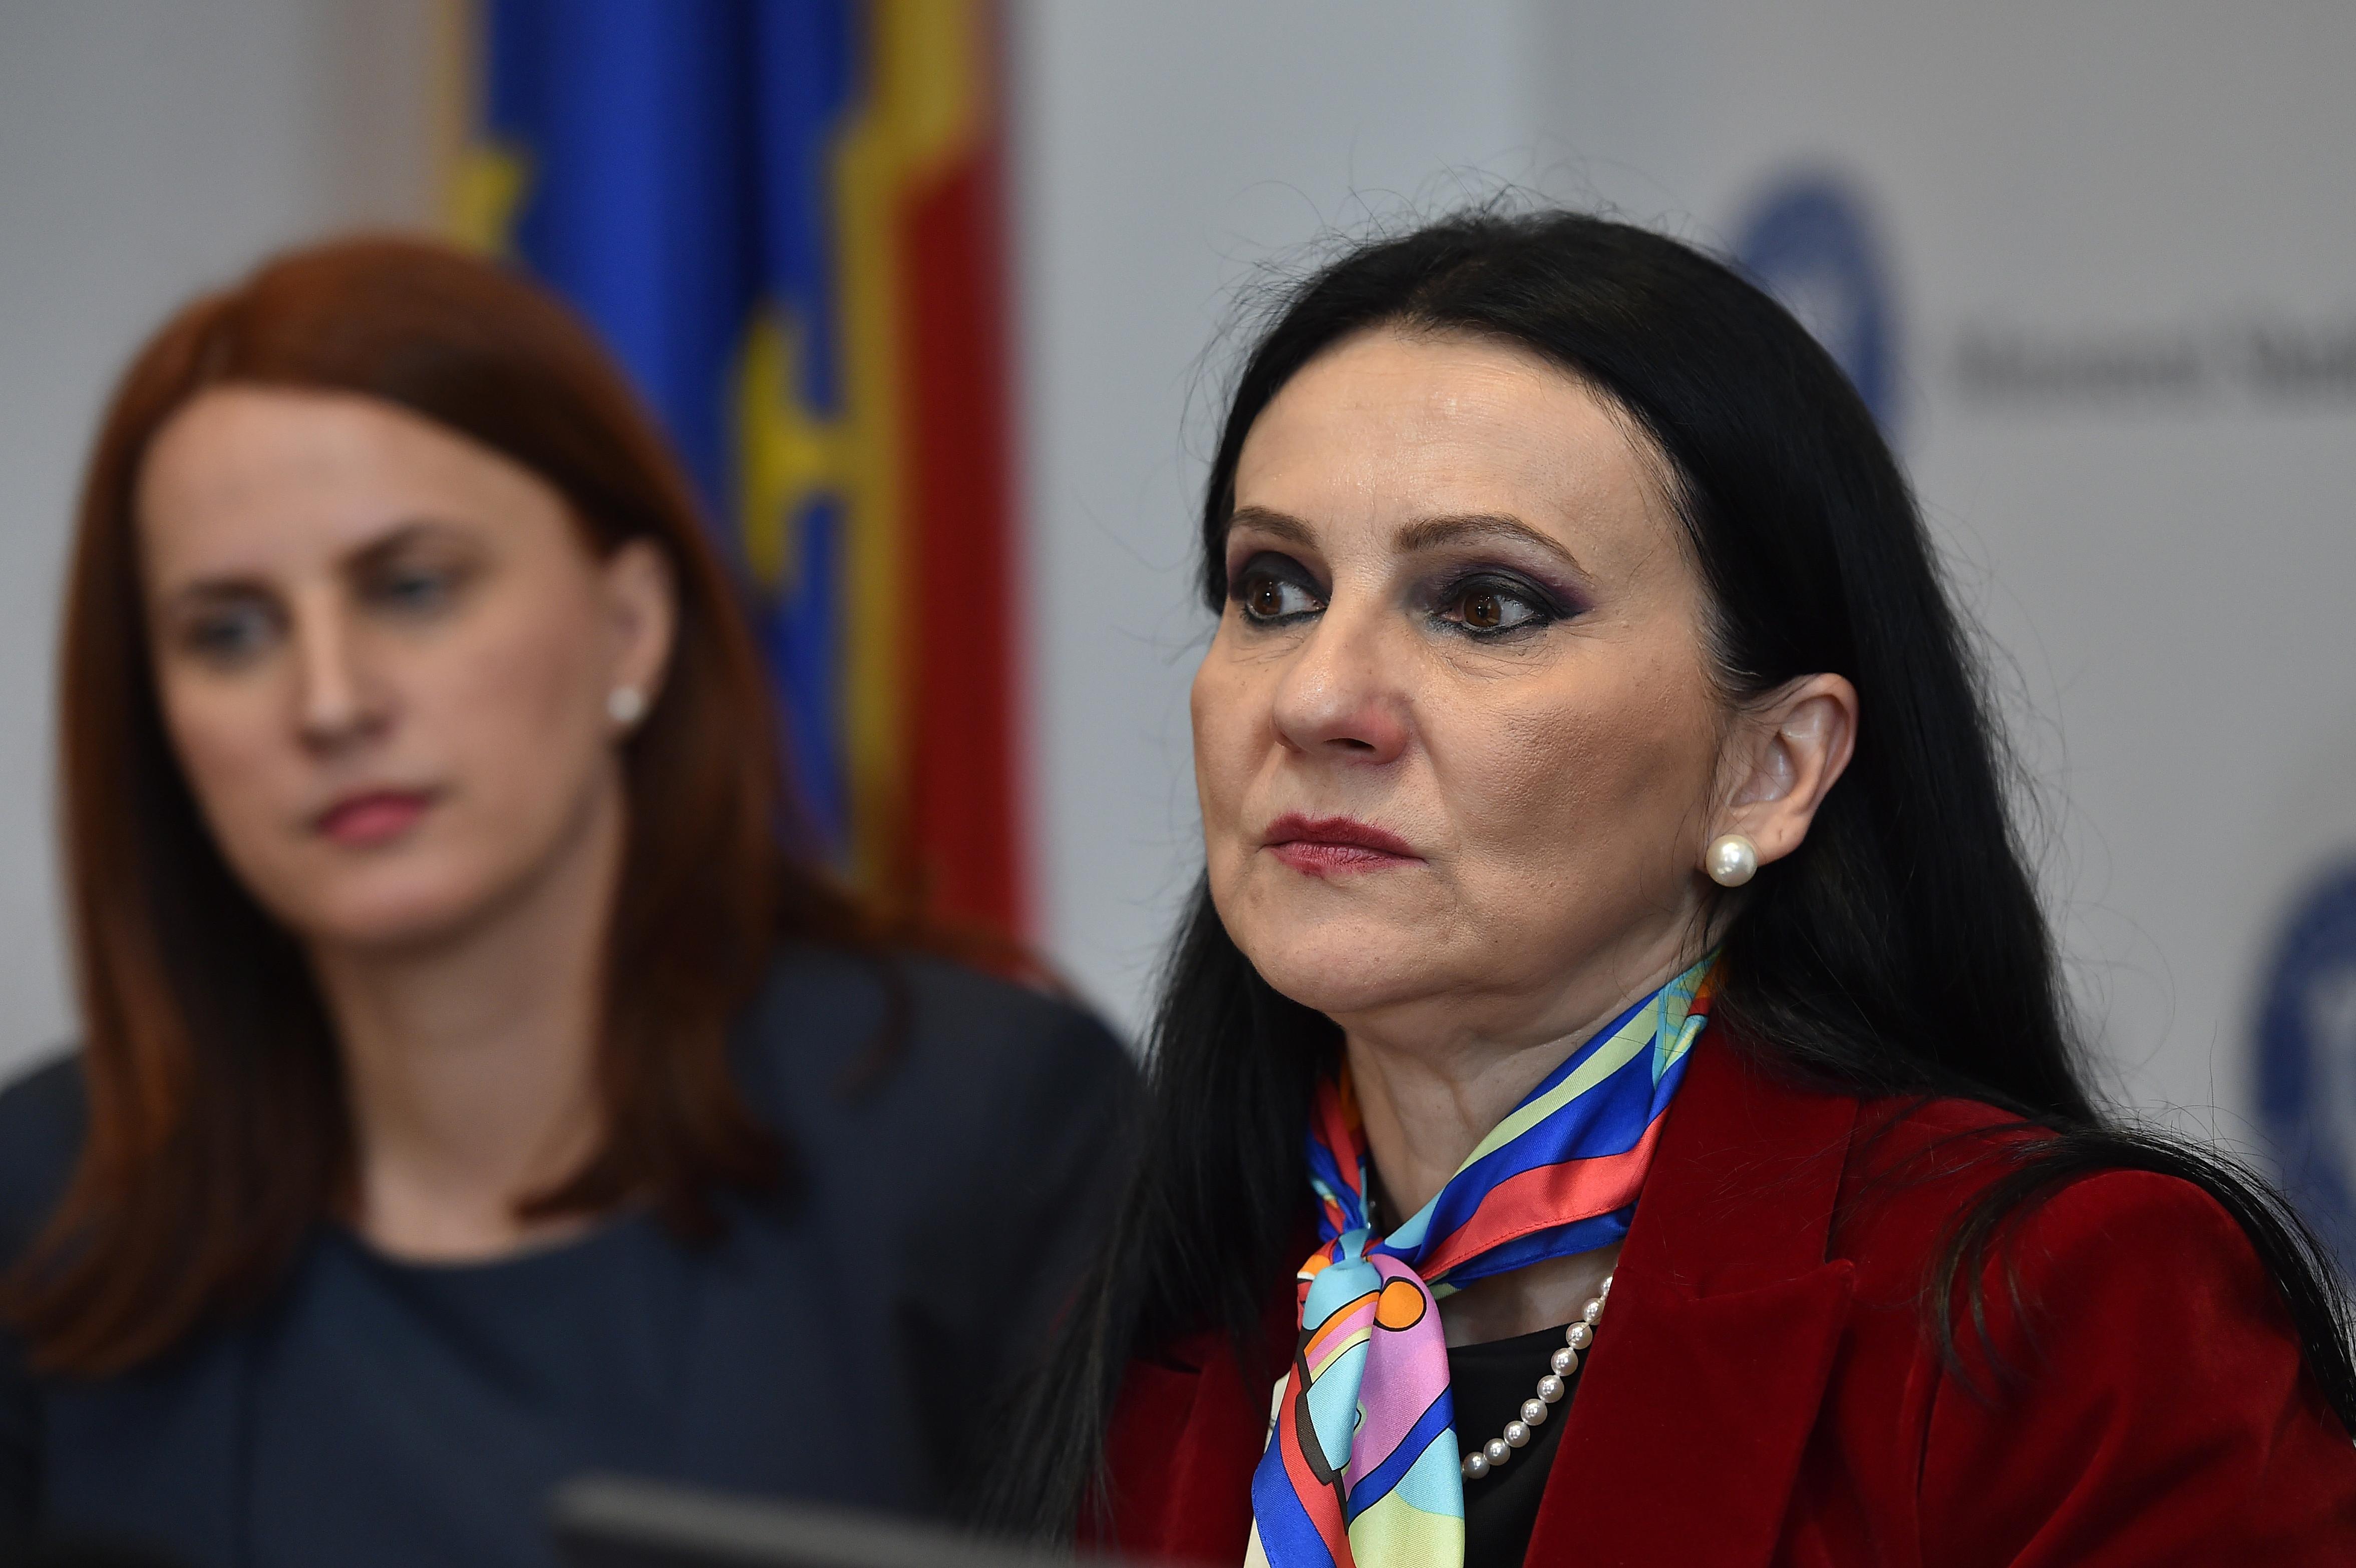 Boala de care suferă fostul ministru Sorina Pintea: